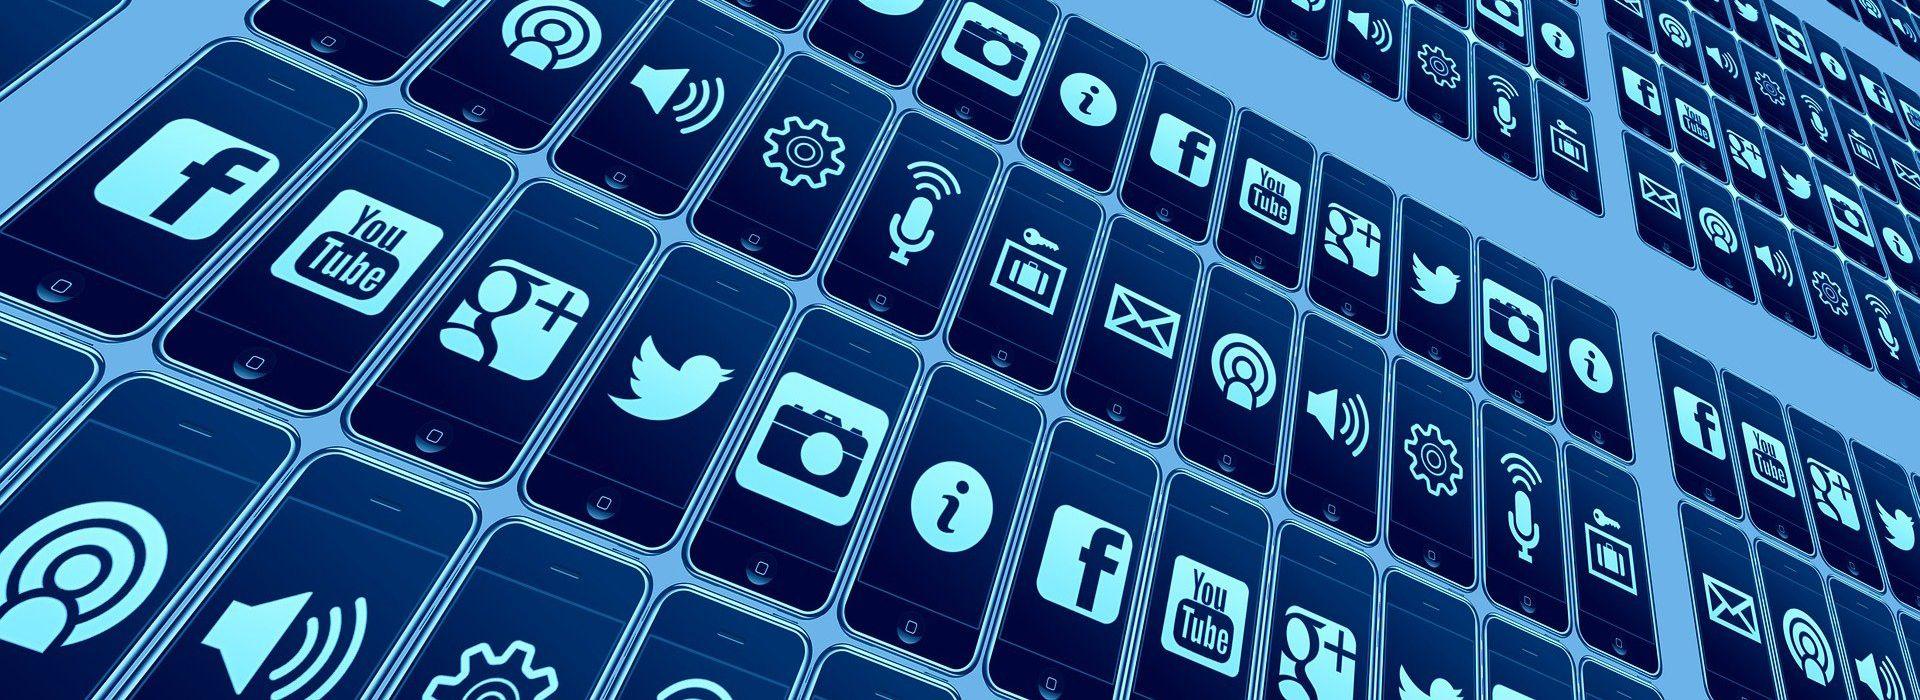 搜索引擎排名优化 社交媒体搜索优化 by MOOC Creatiive 目刻创意